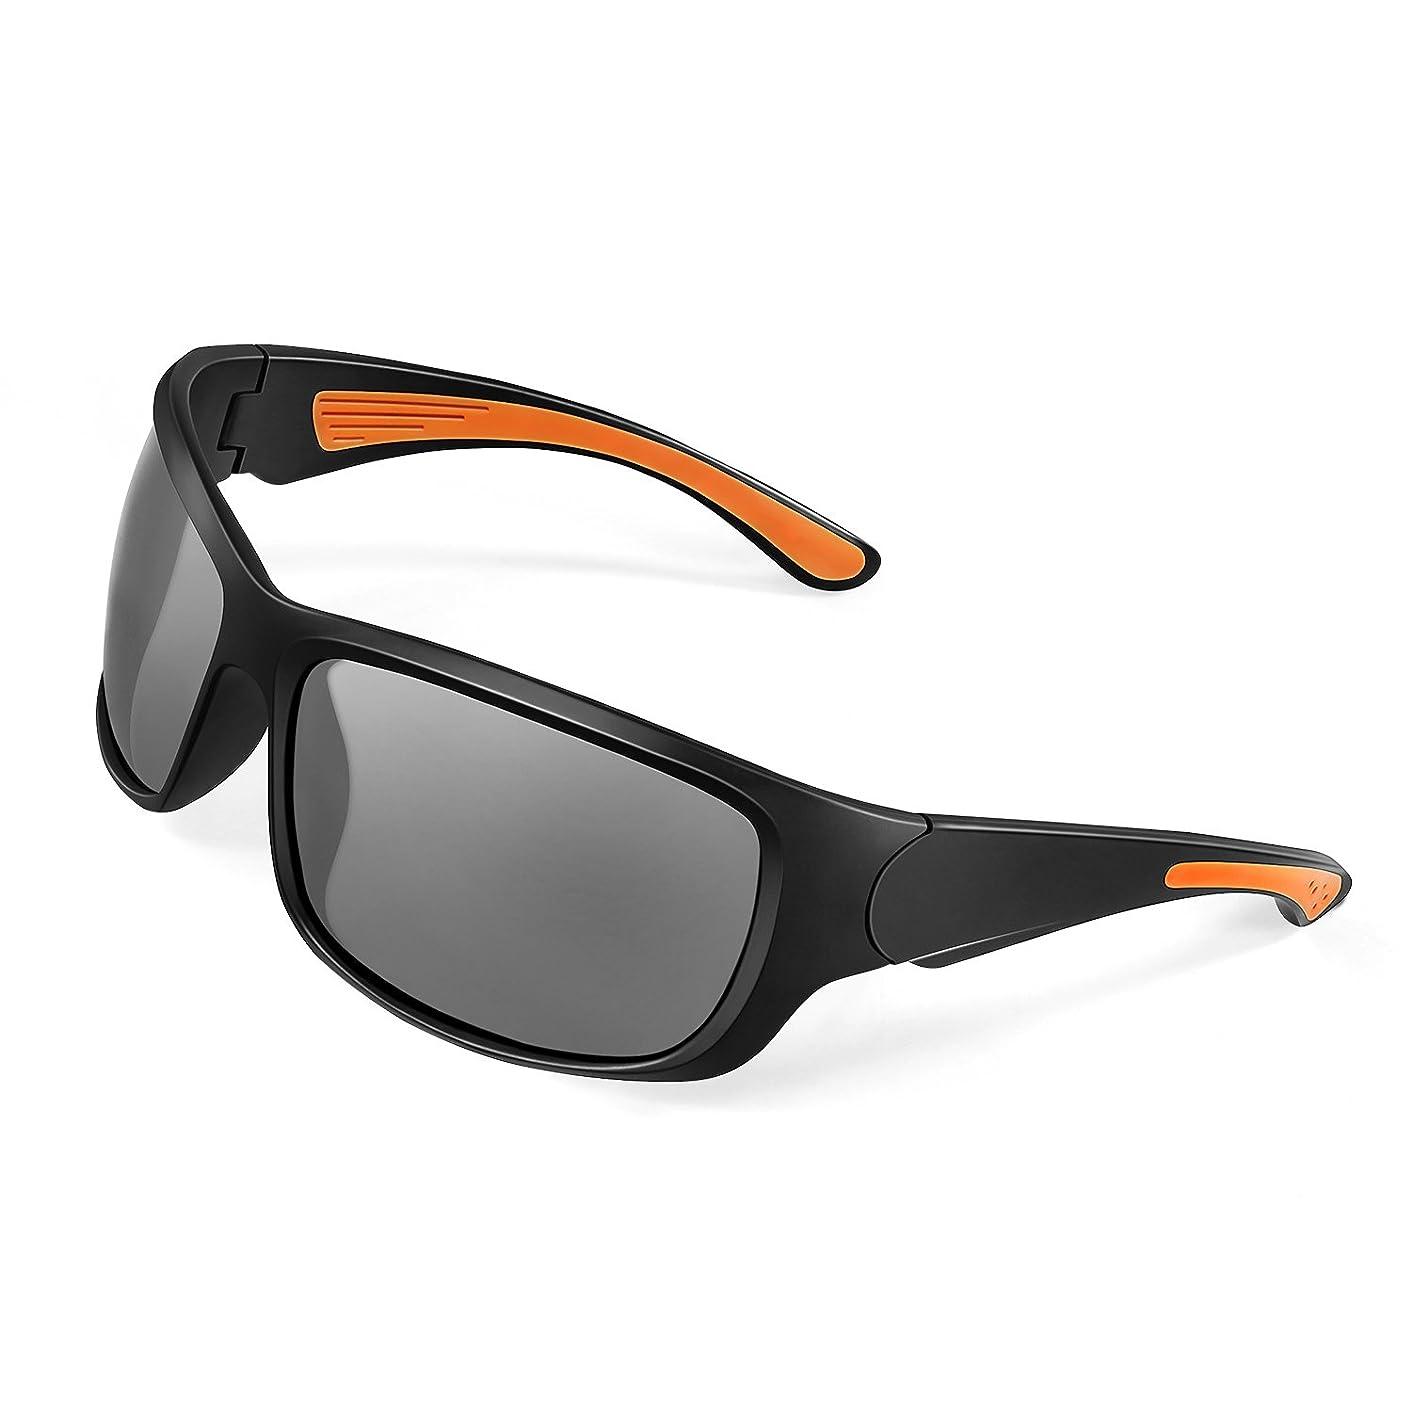 思慮深い漂流ますます偏光サングラス Alloyseed スポーツグラス 偏光レンズグラス 偏光メガネ 超軽量 TR90フレーム UV400カット キャンプ/釣り/花見/運動会/自転車/運転/など応用 保護ケース付き